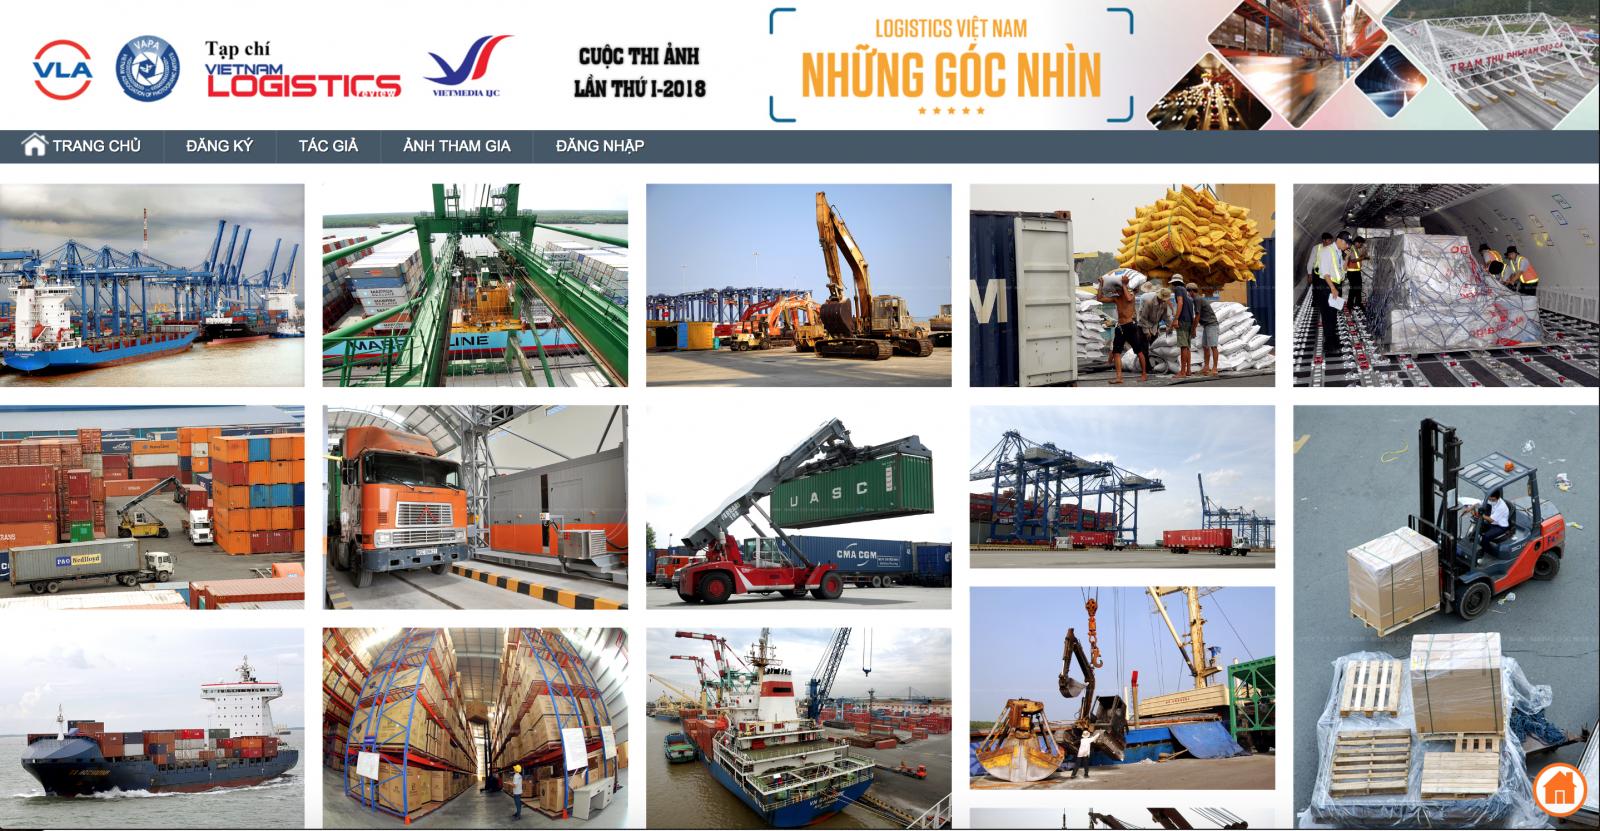 Cuộc thi ảnh Logistics Vietnam